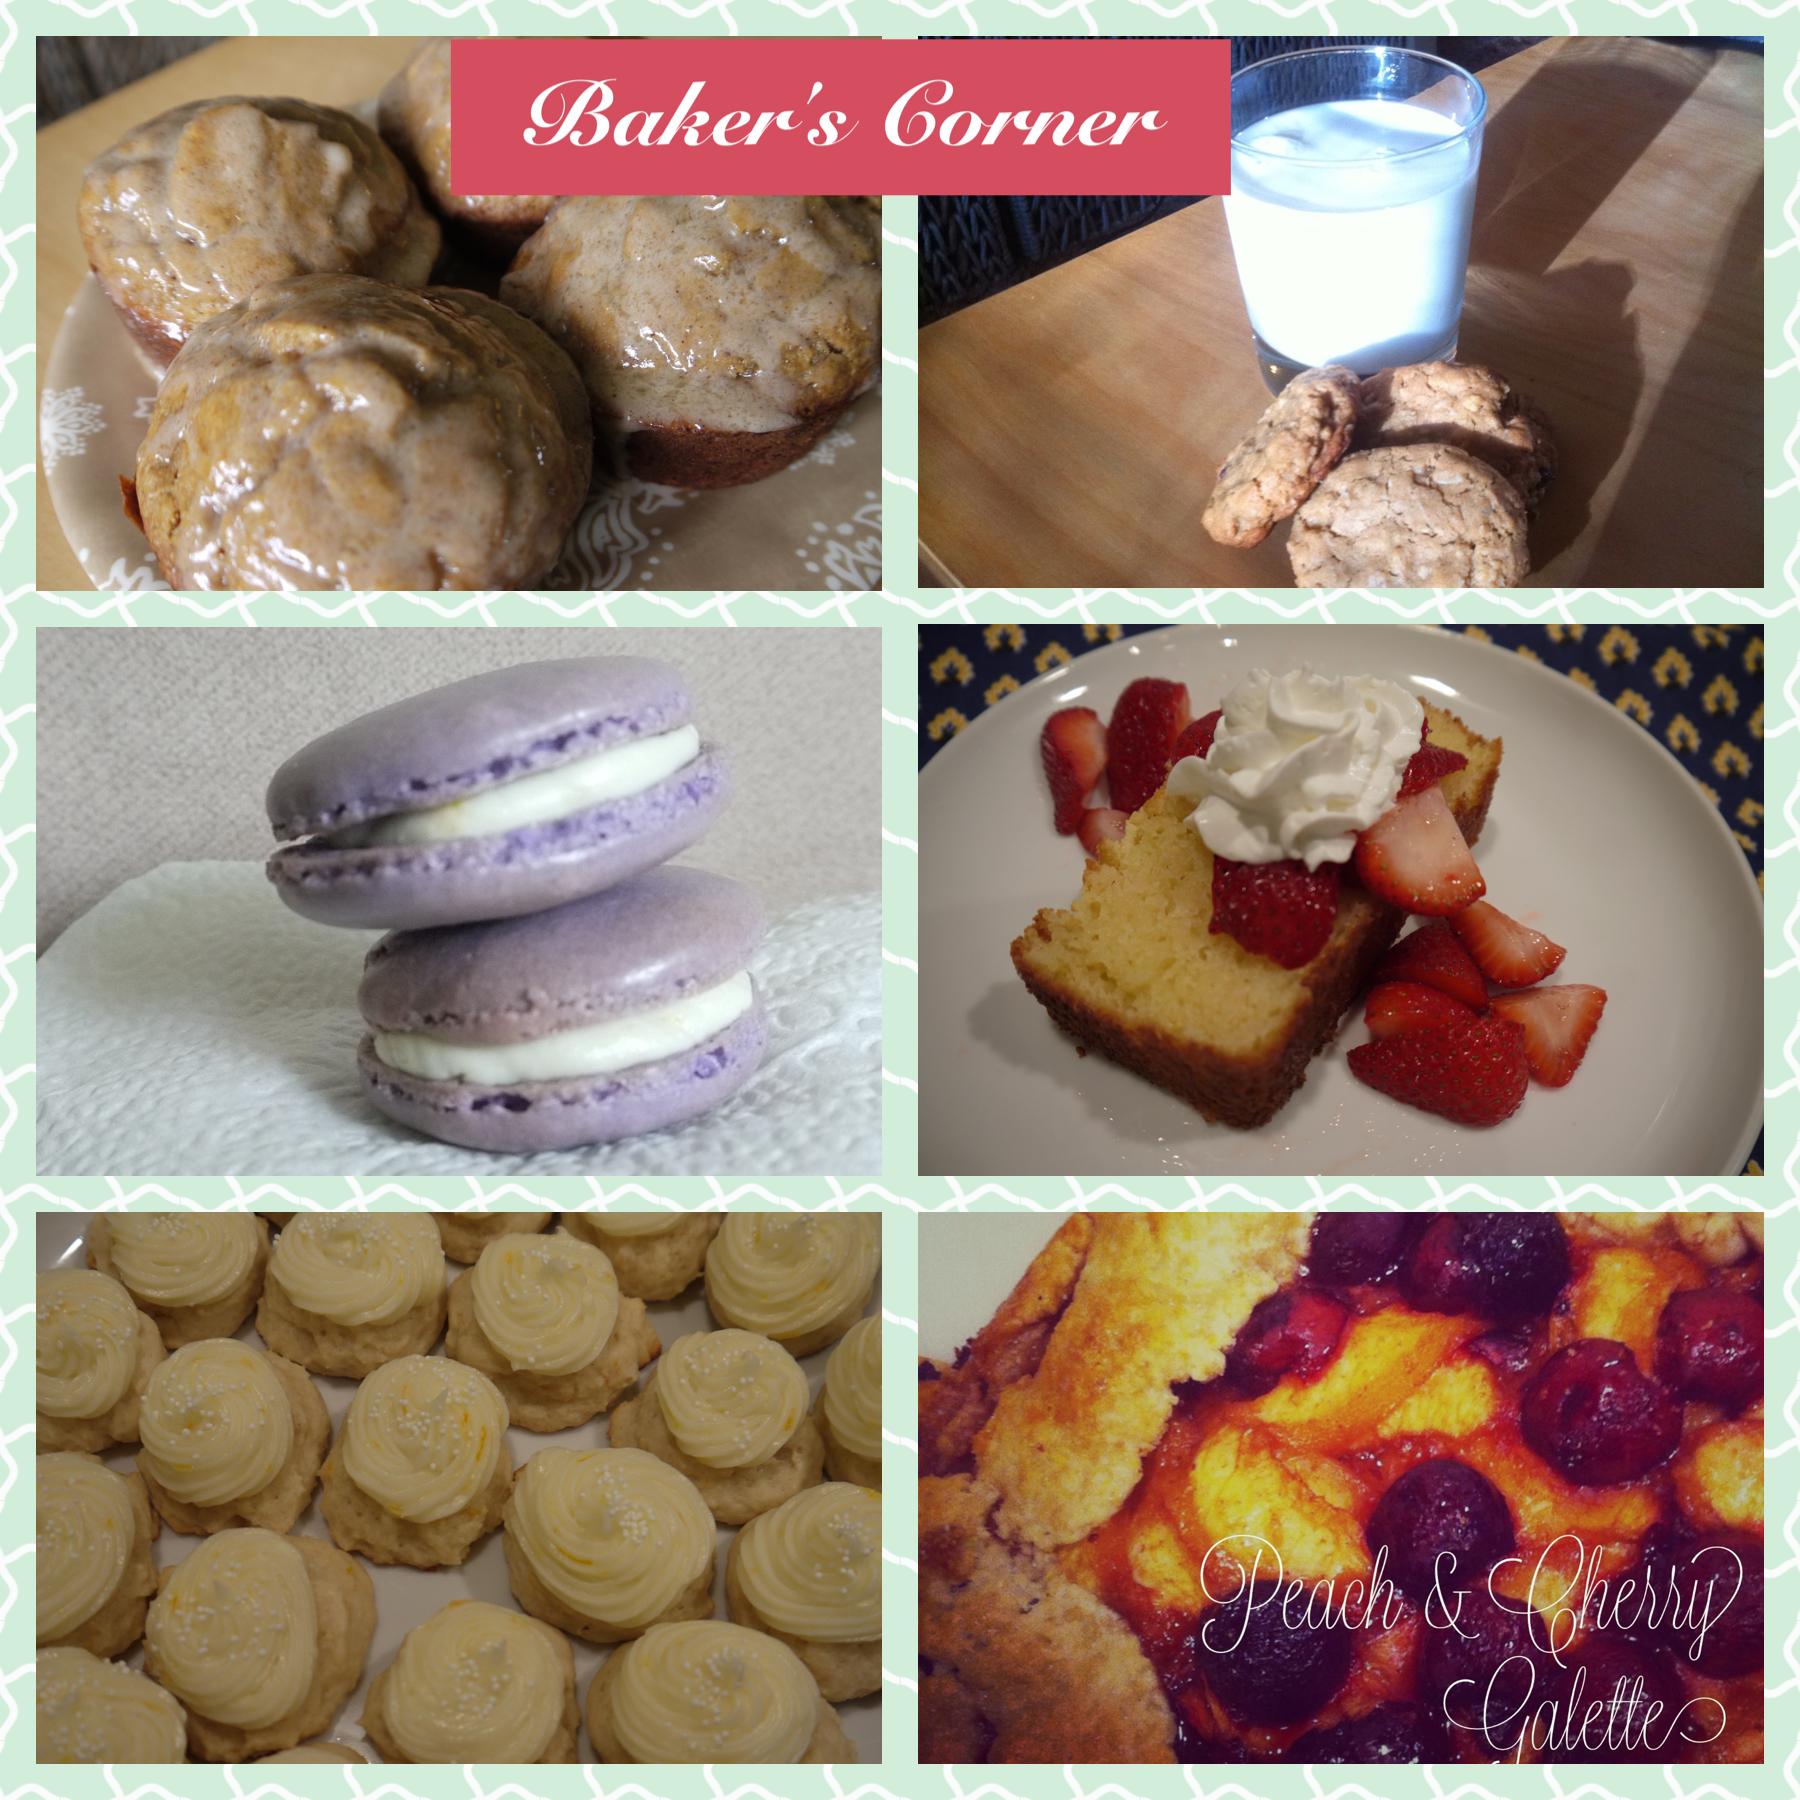 bakercorner.jpg